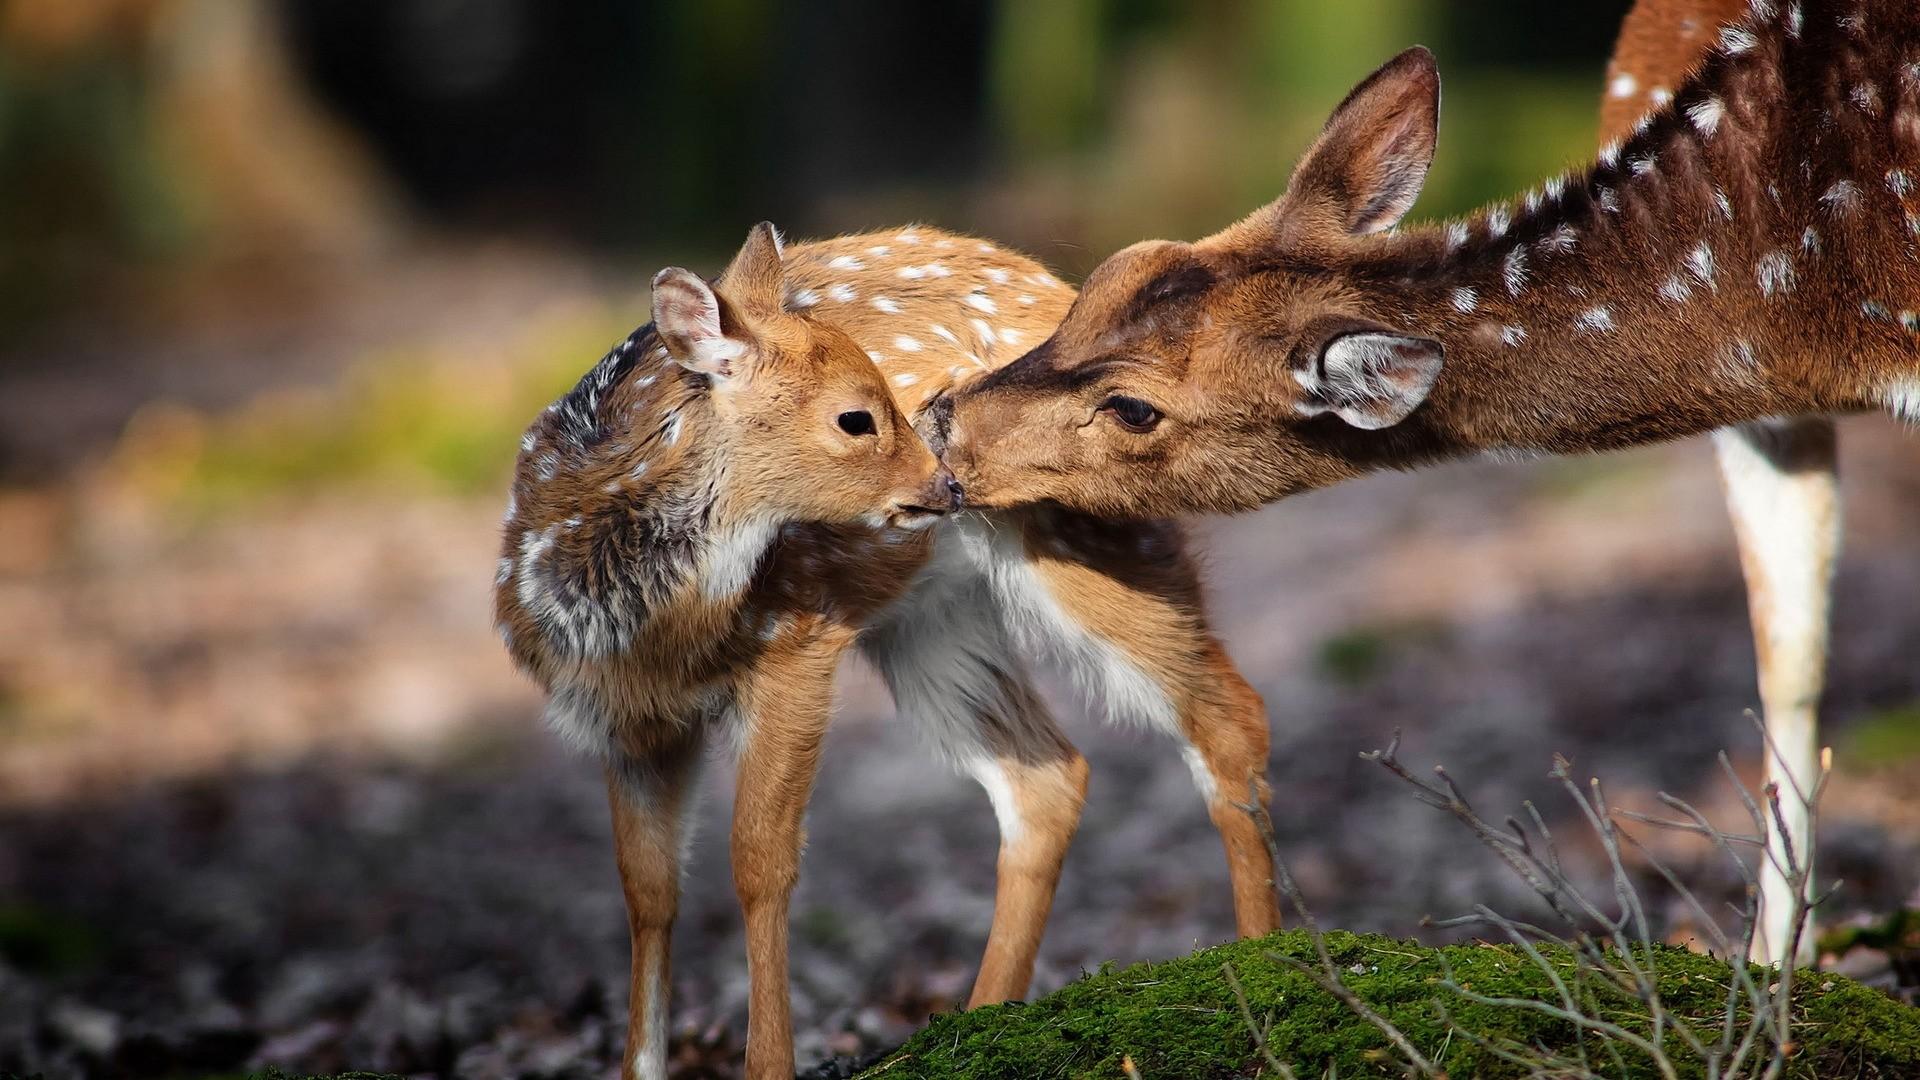 Deer Desktop Wallpaper